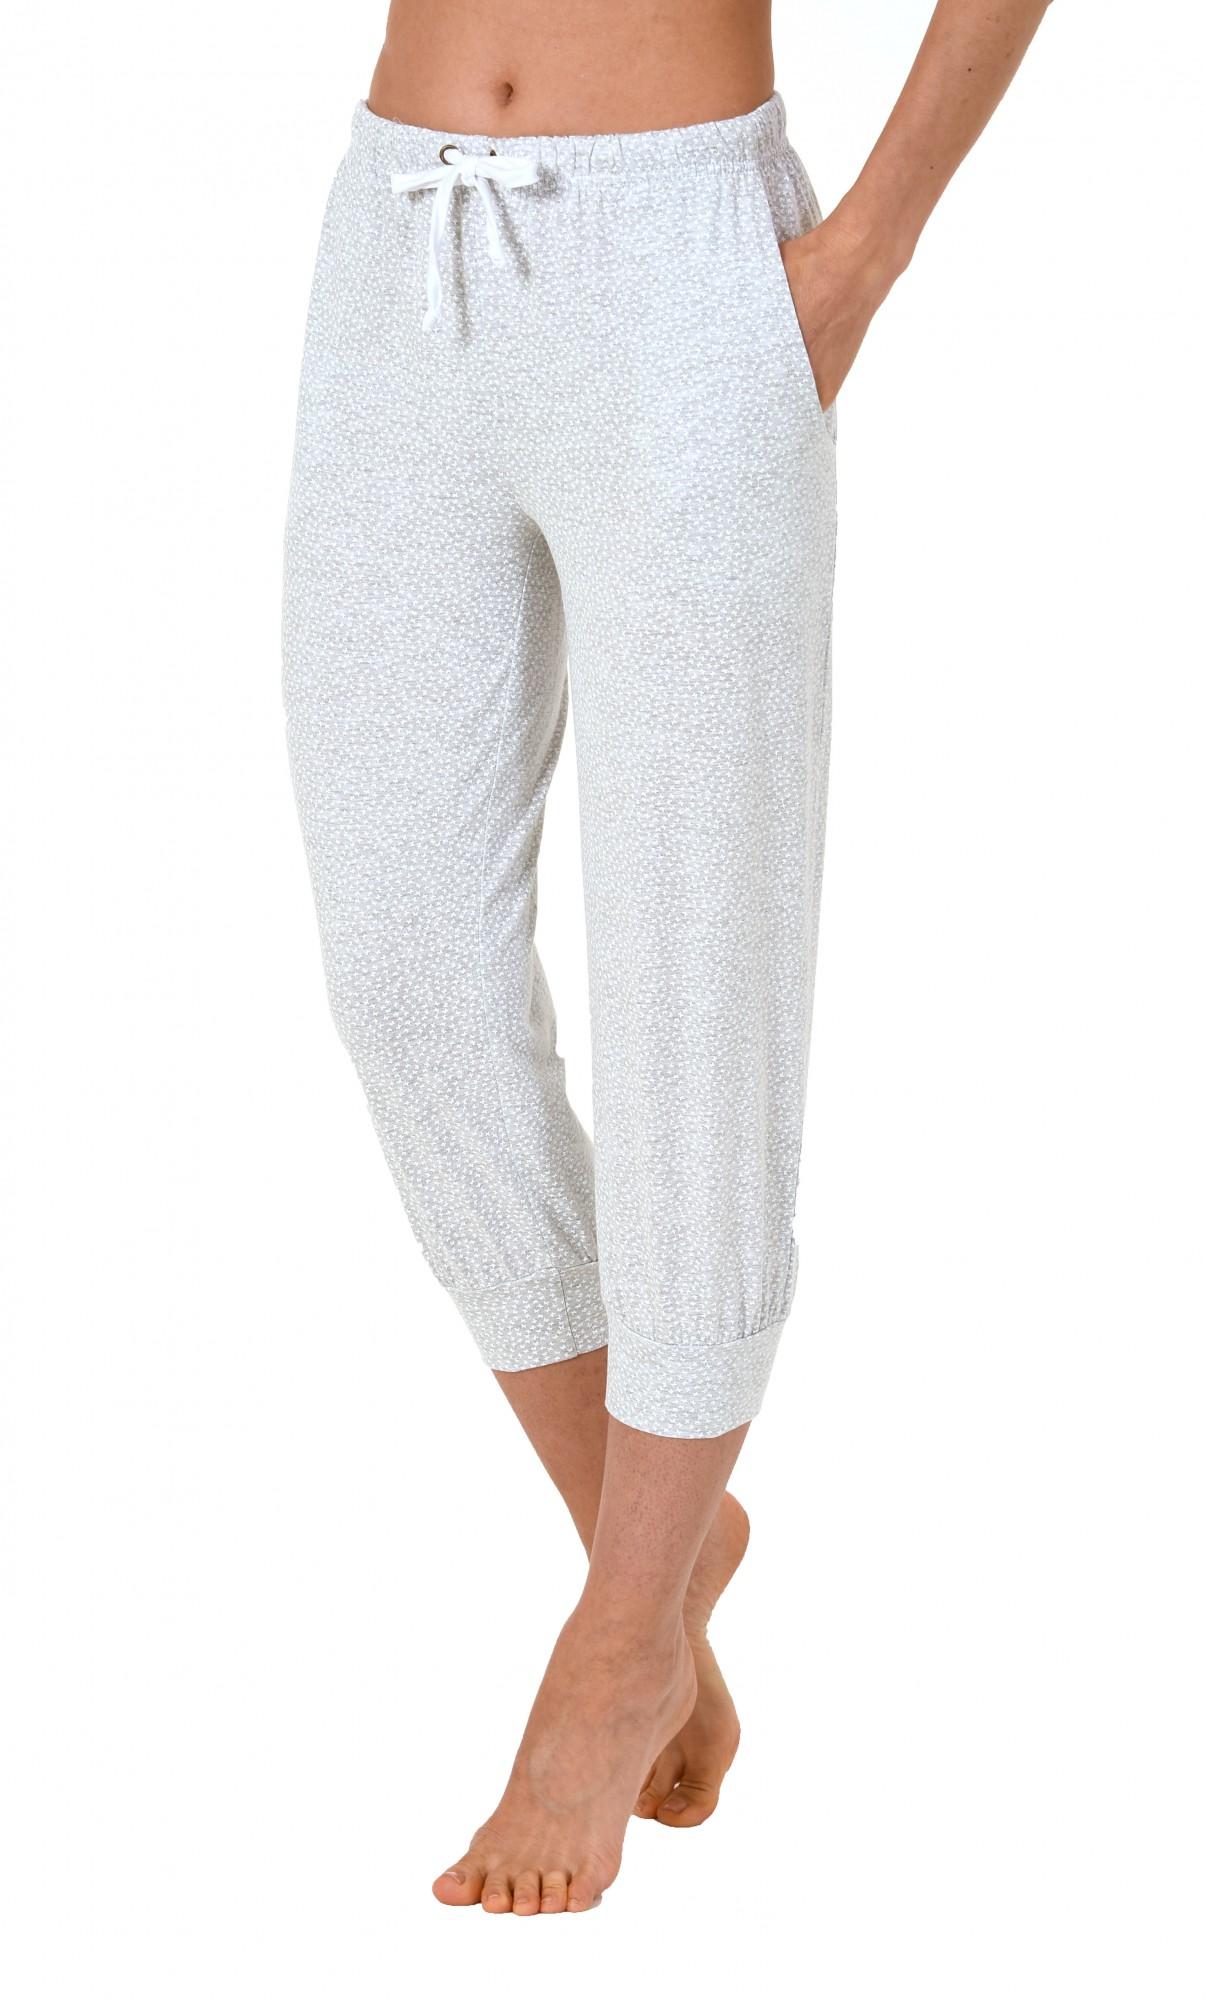 Damen Pyjama Capri Hose 3/4-lang - Mix & Match - ideal zum kombinieren  223 90 904 – Bild 4